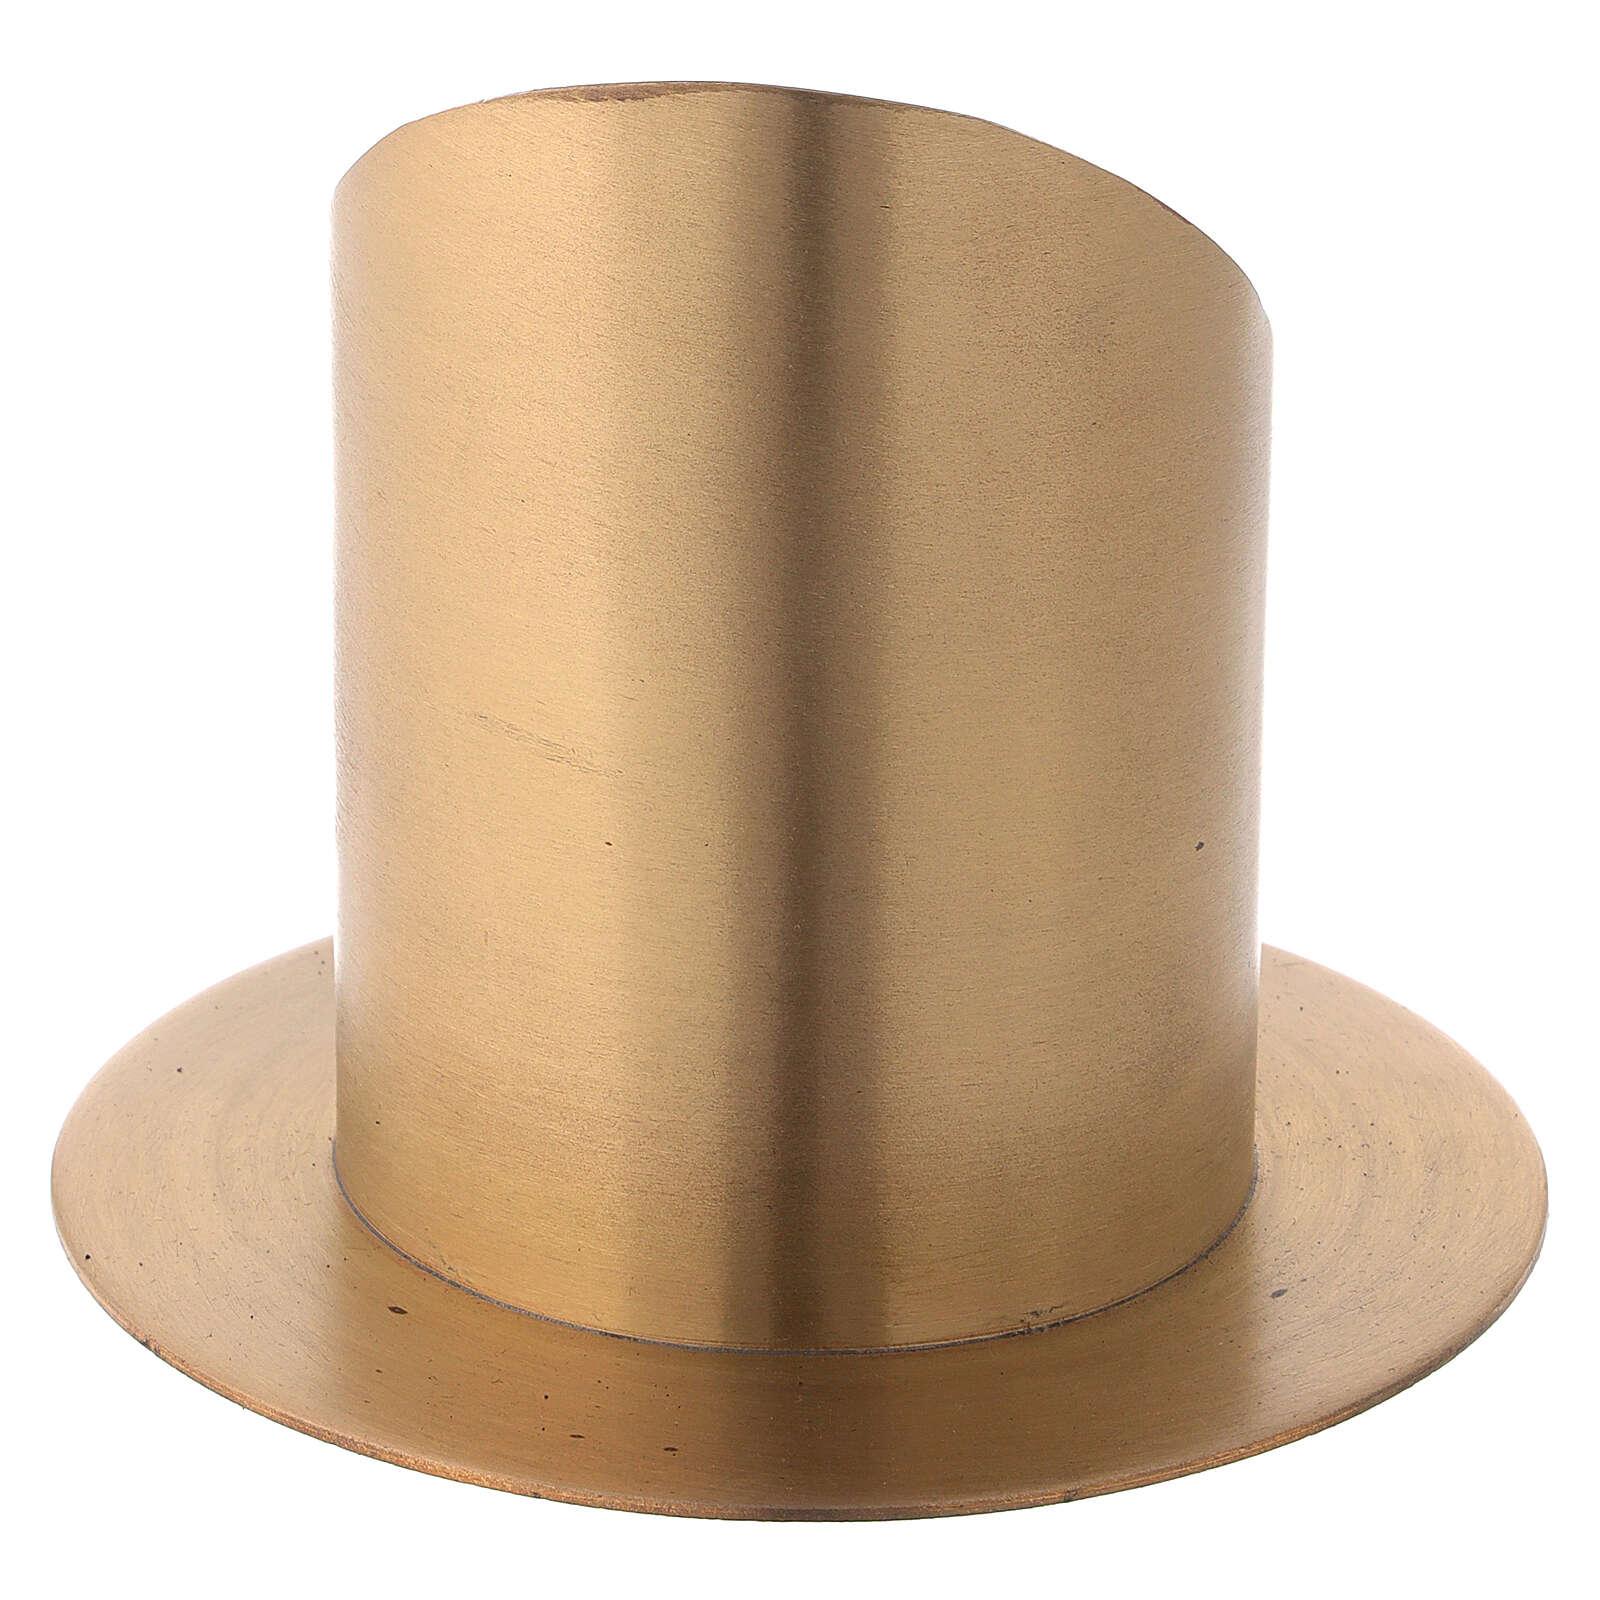 Bougeoir ouvert laiton nickelé satiné diamètre 8 cm 4